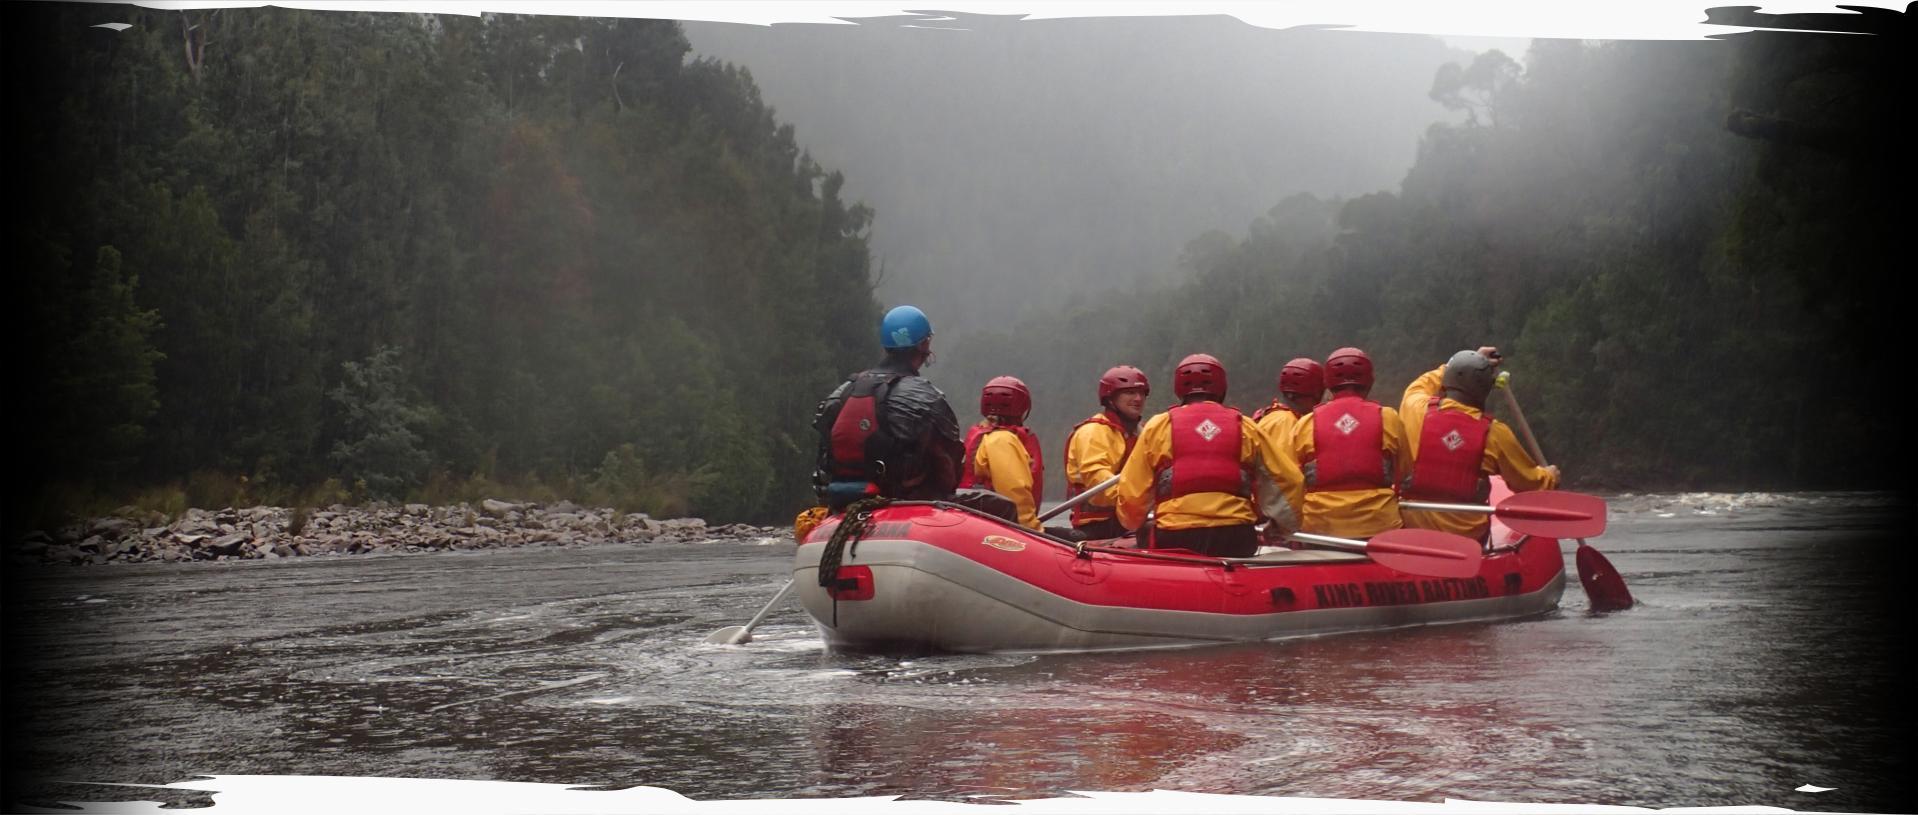 Discover Tasmania  Western Wilds  Hobart  Rafting